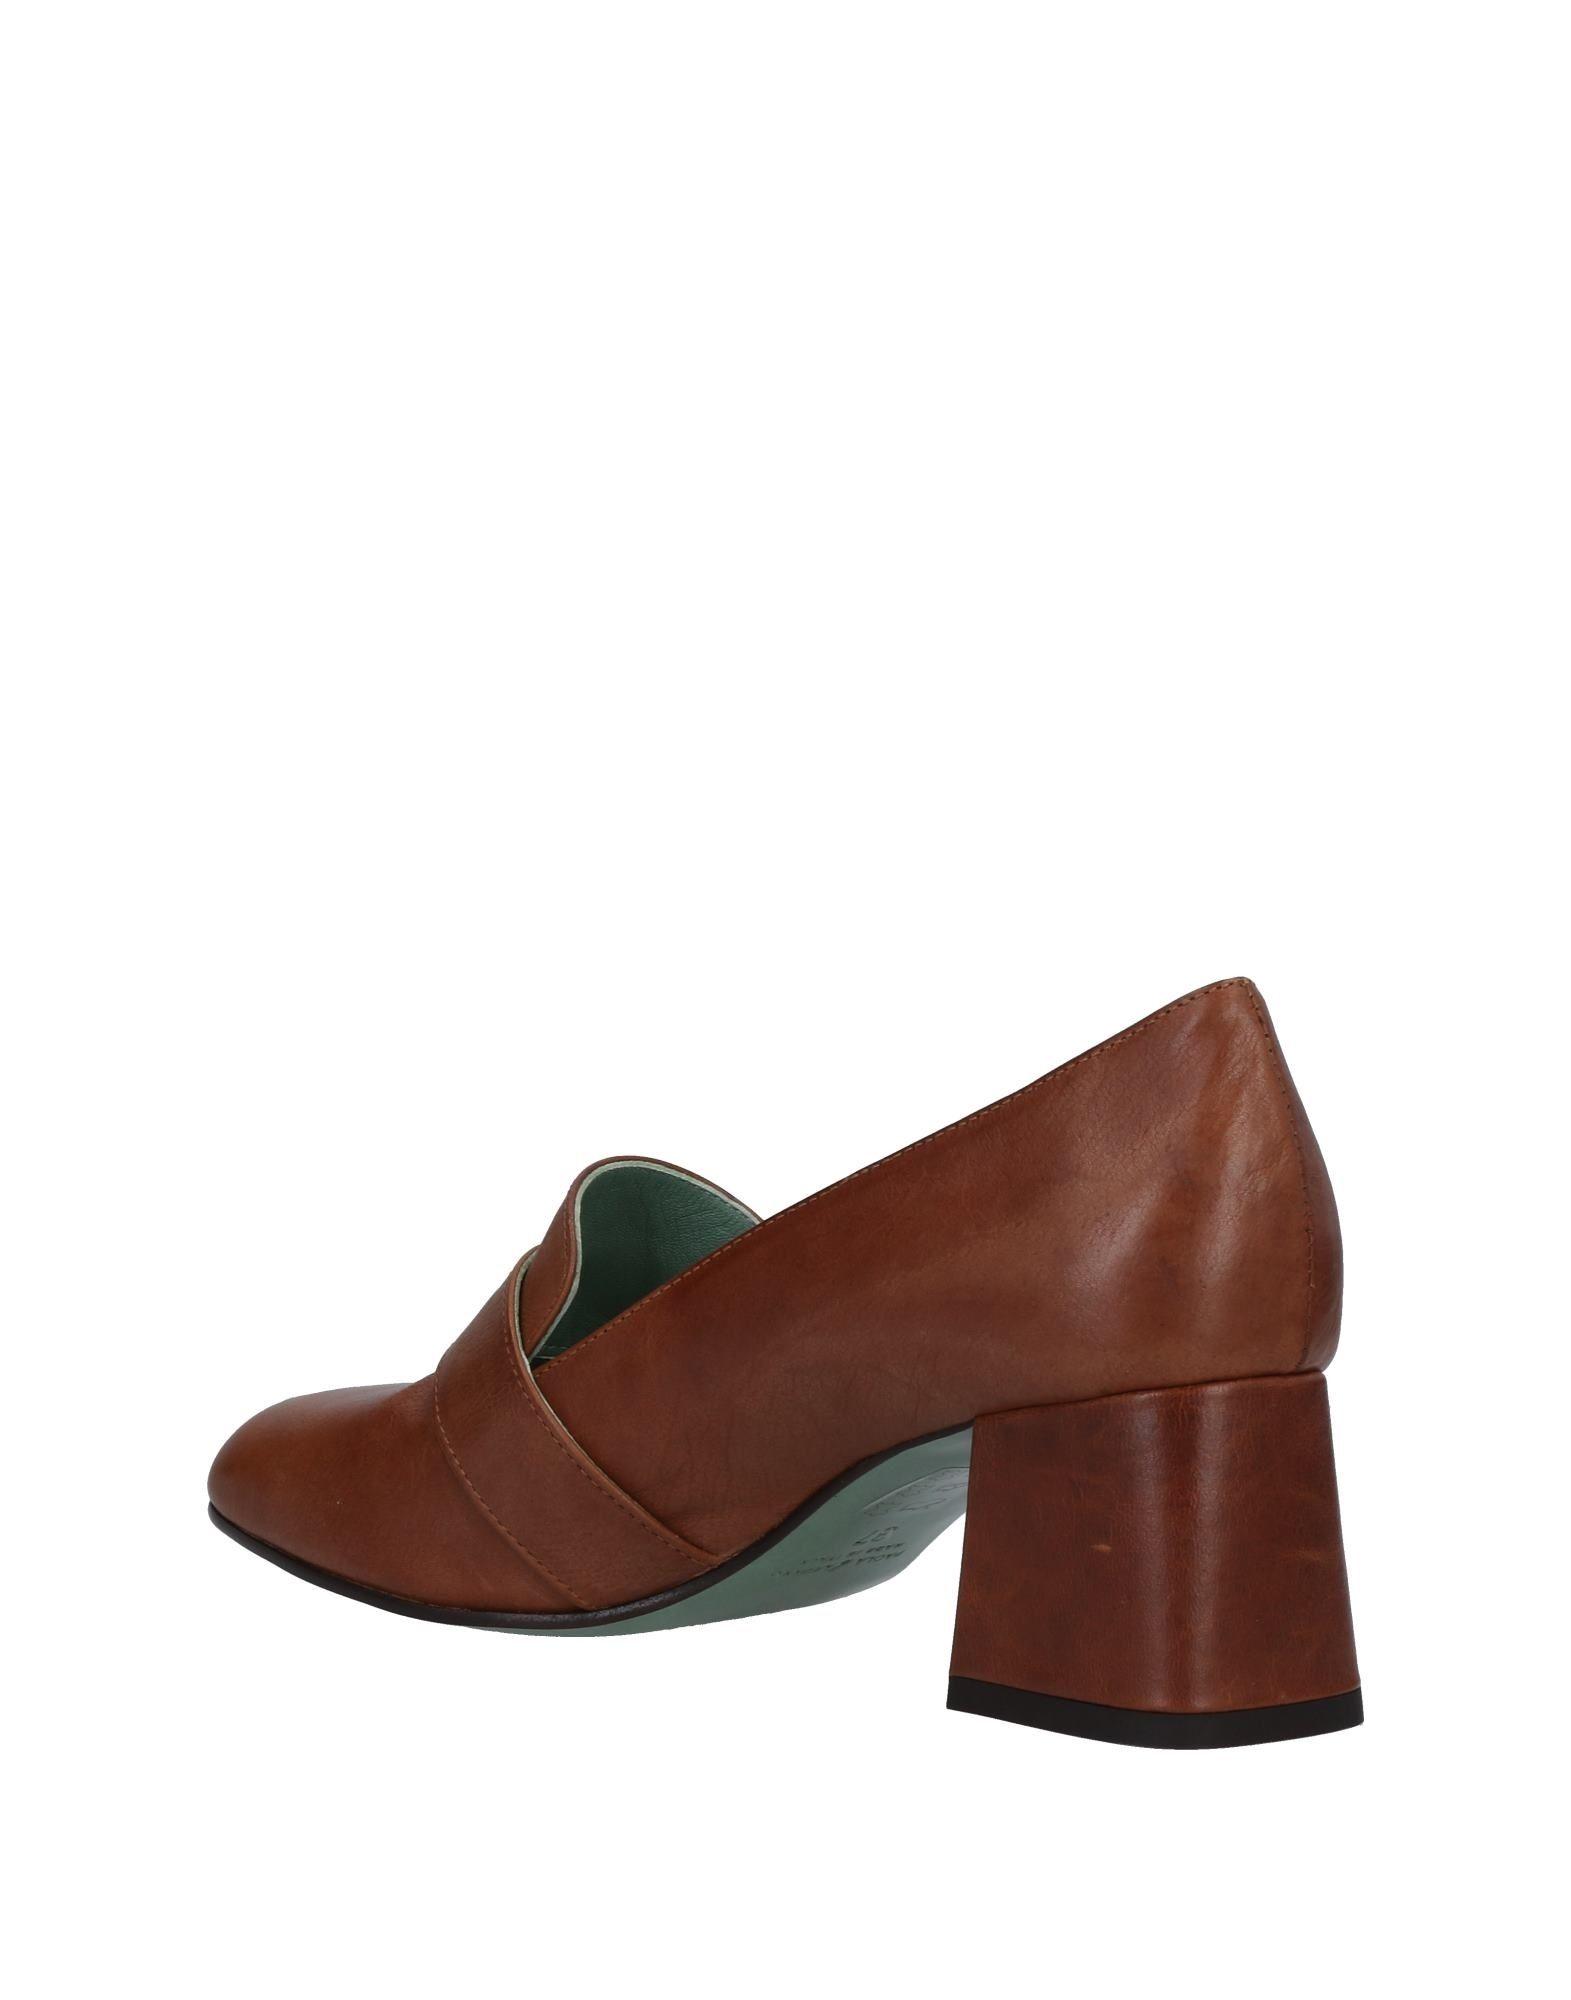 Paola D'arcano Mokassins Damen  Schuhe 11480737TQ Gute Qualität beliebte Schuhe  f4369e